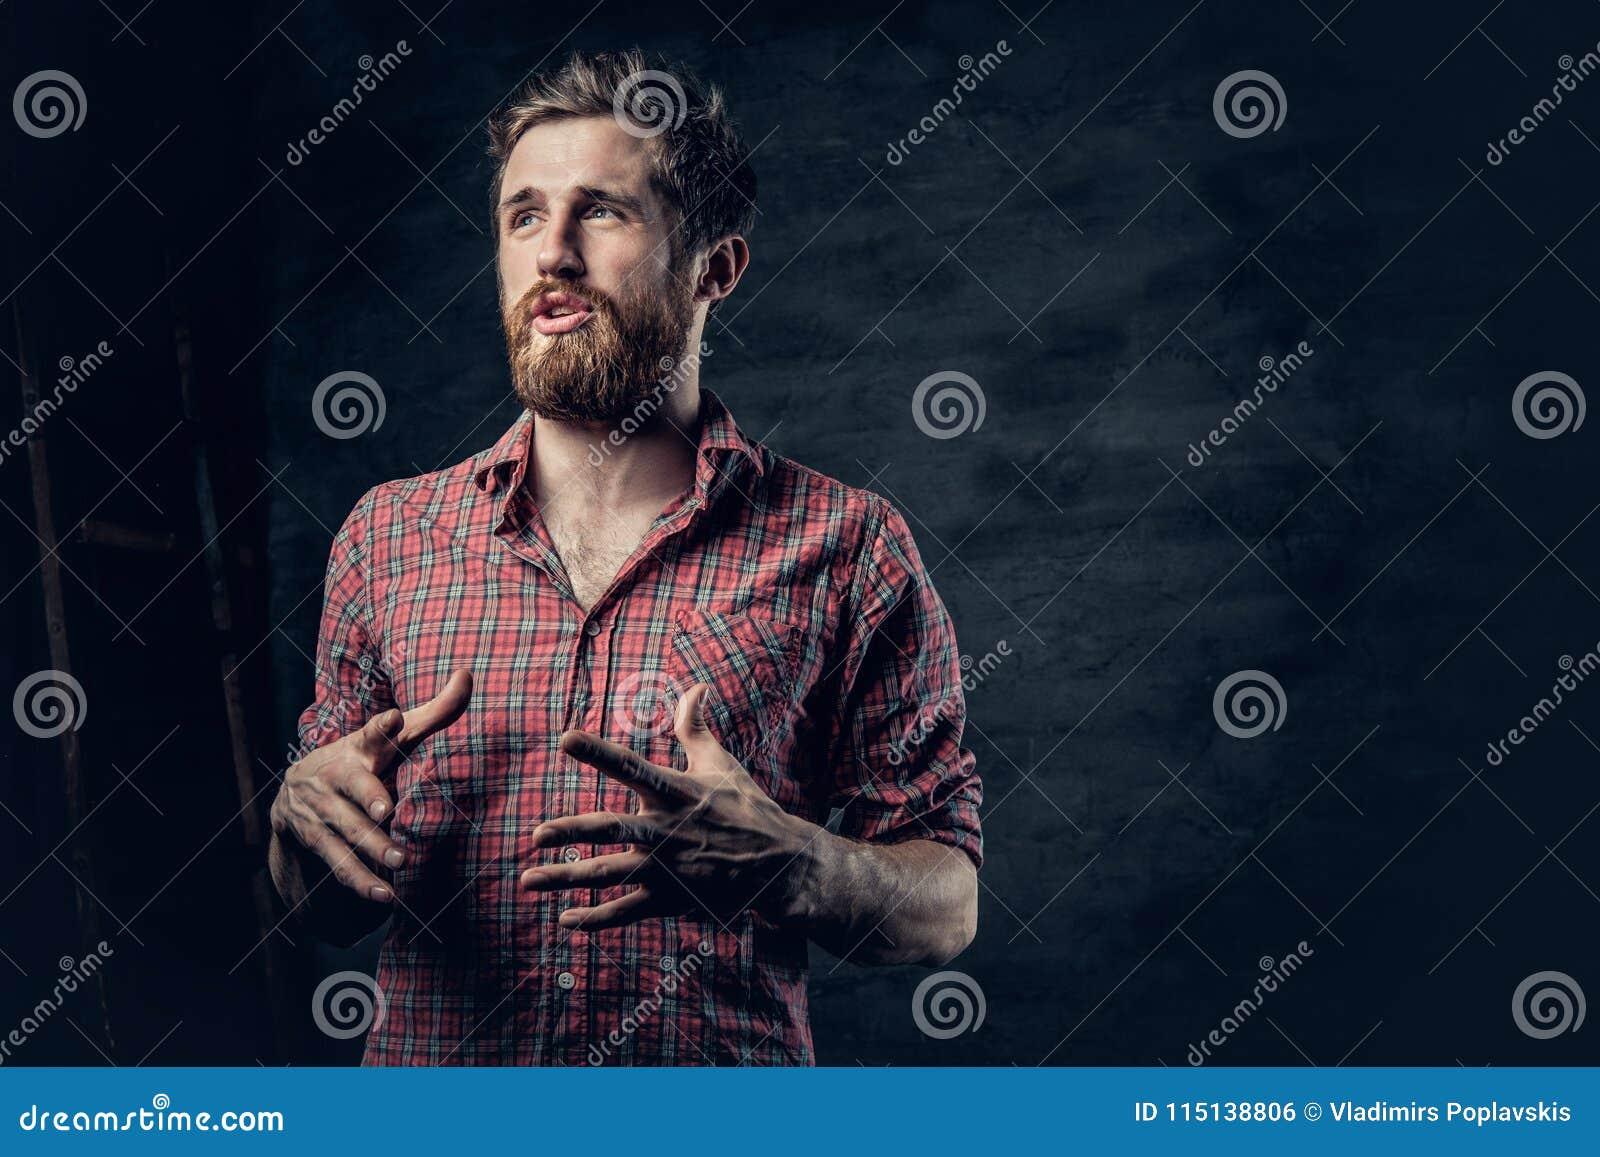 Een positief gebaard mannetje gekleed in een rood vachtoverhemd vertelt een verhaal met handbeweging